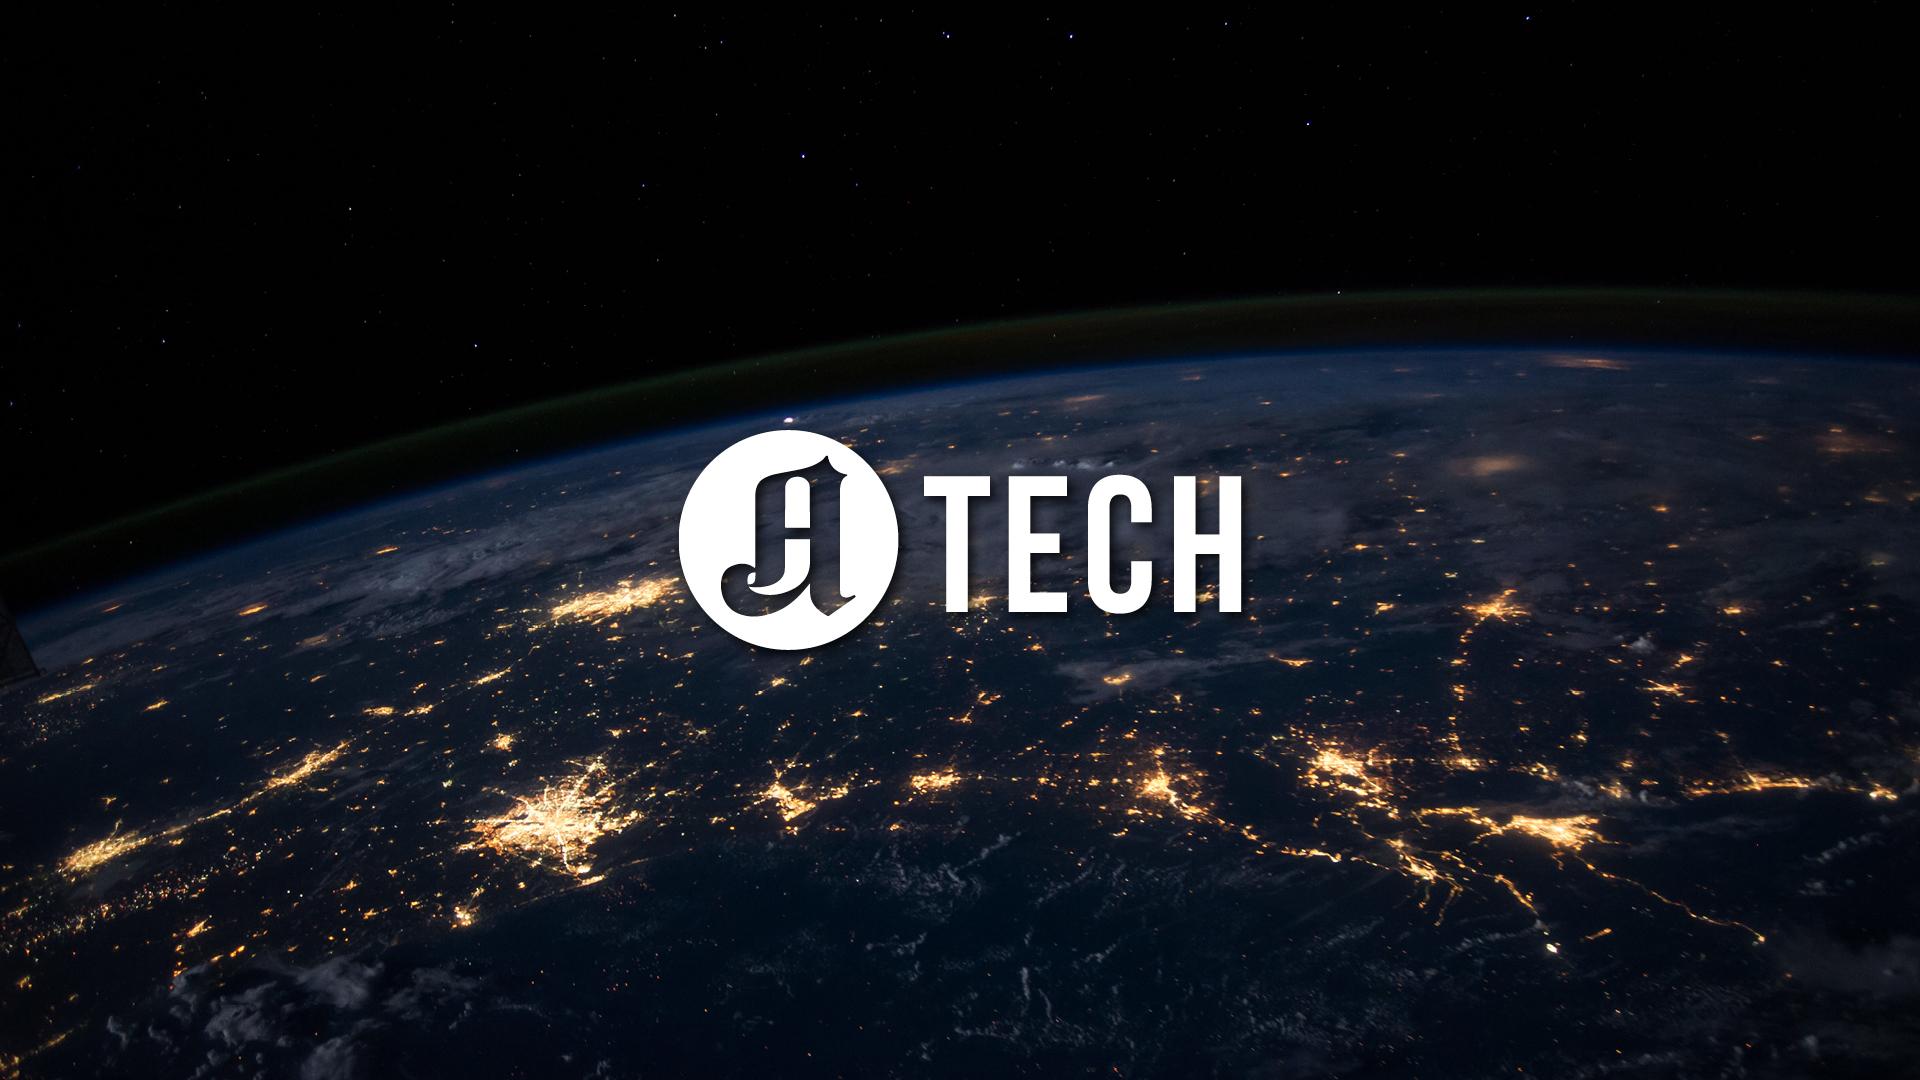 Aftenposten event A-tech